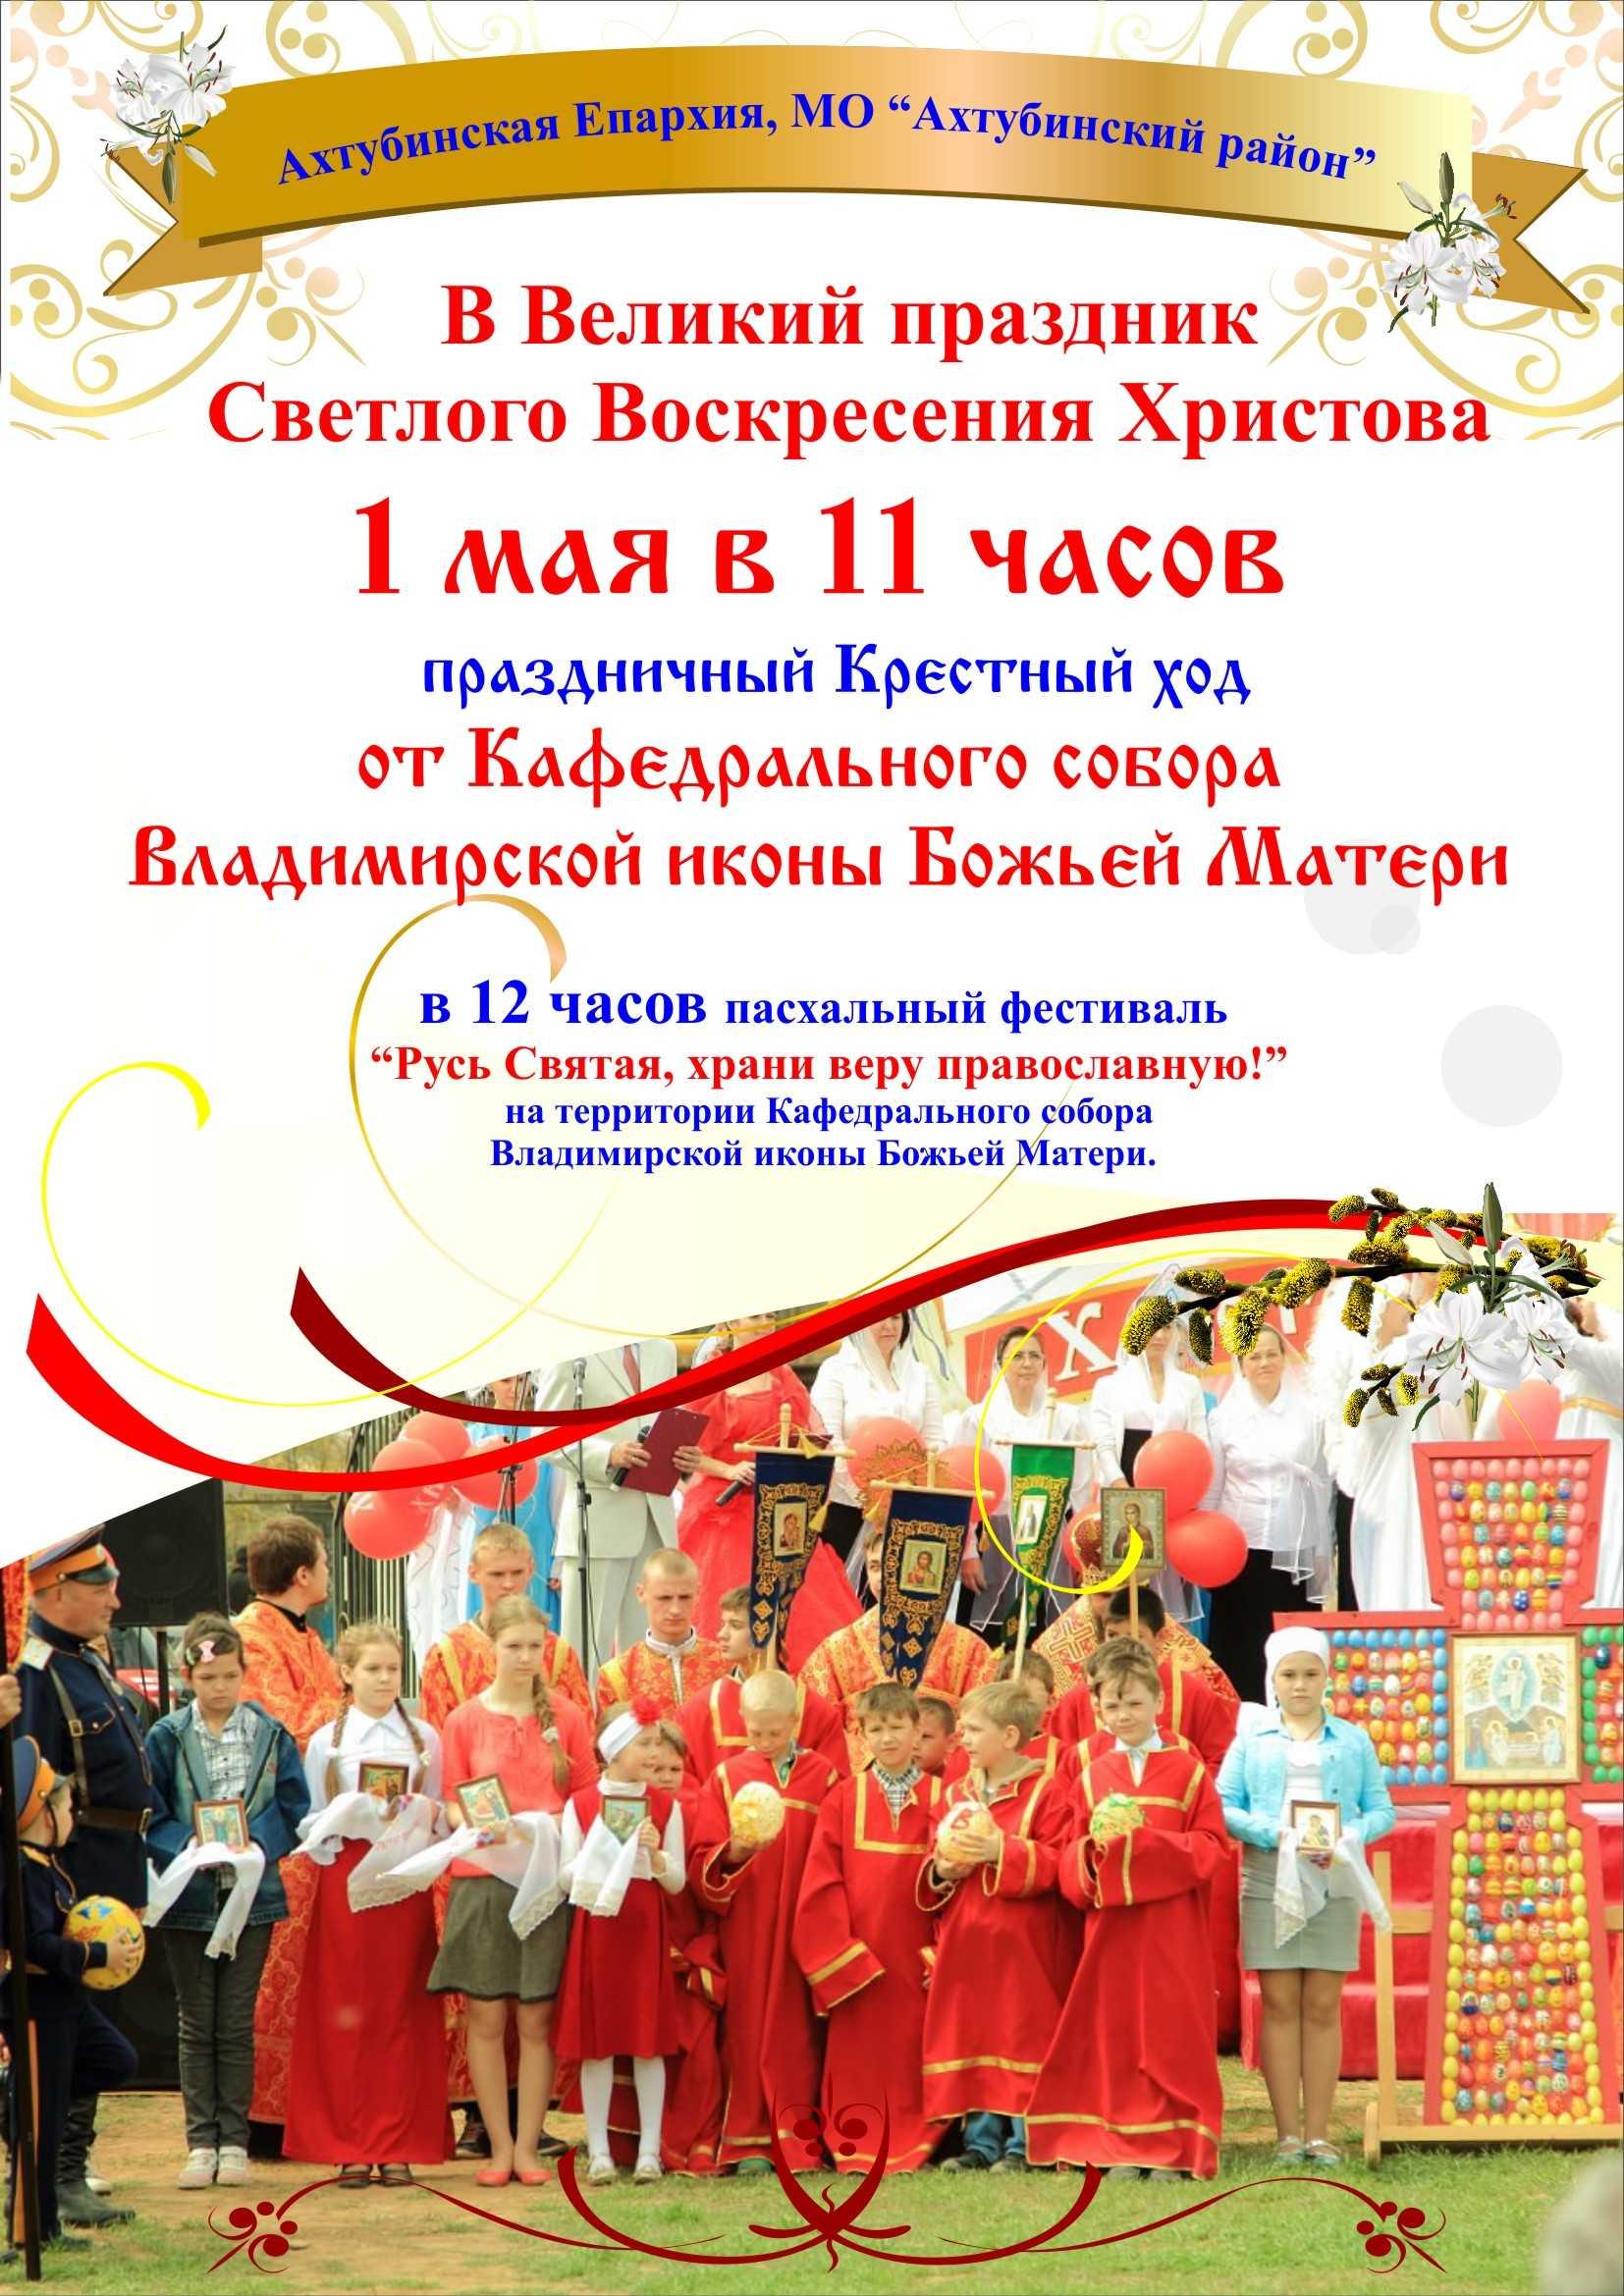 Приглашаем на Пасхальный фестиваль «Русь святая, храни веру православную!»